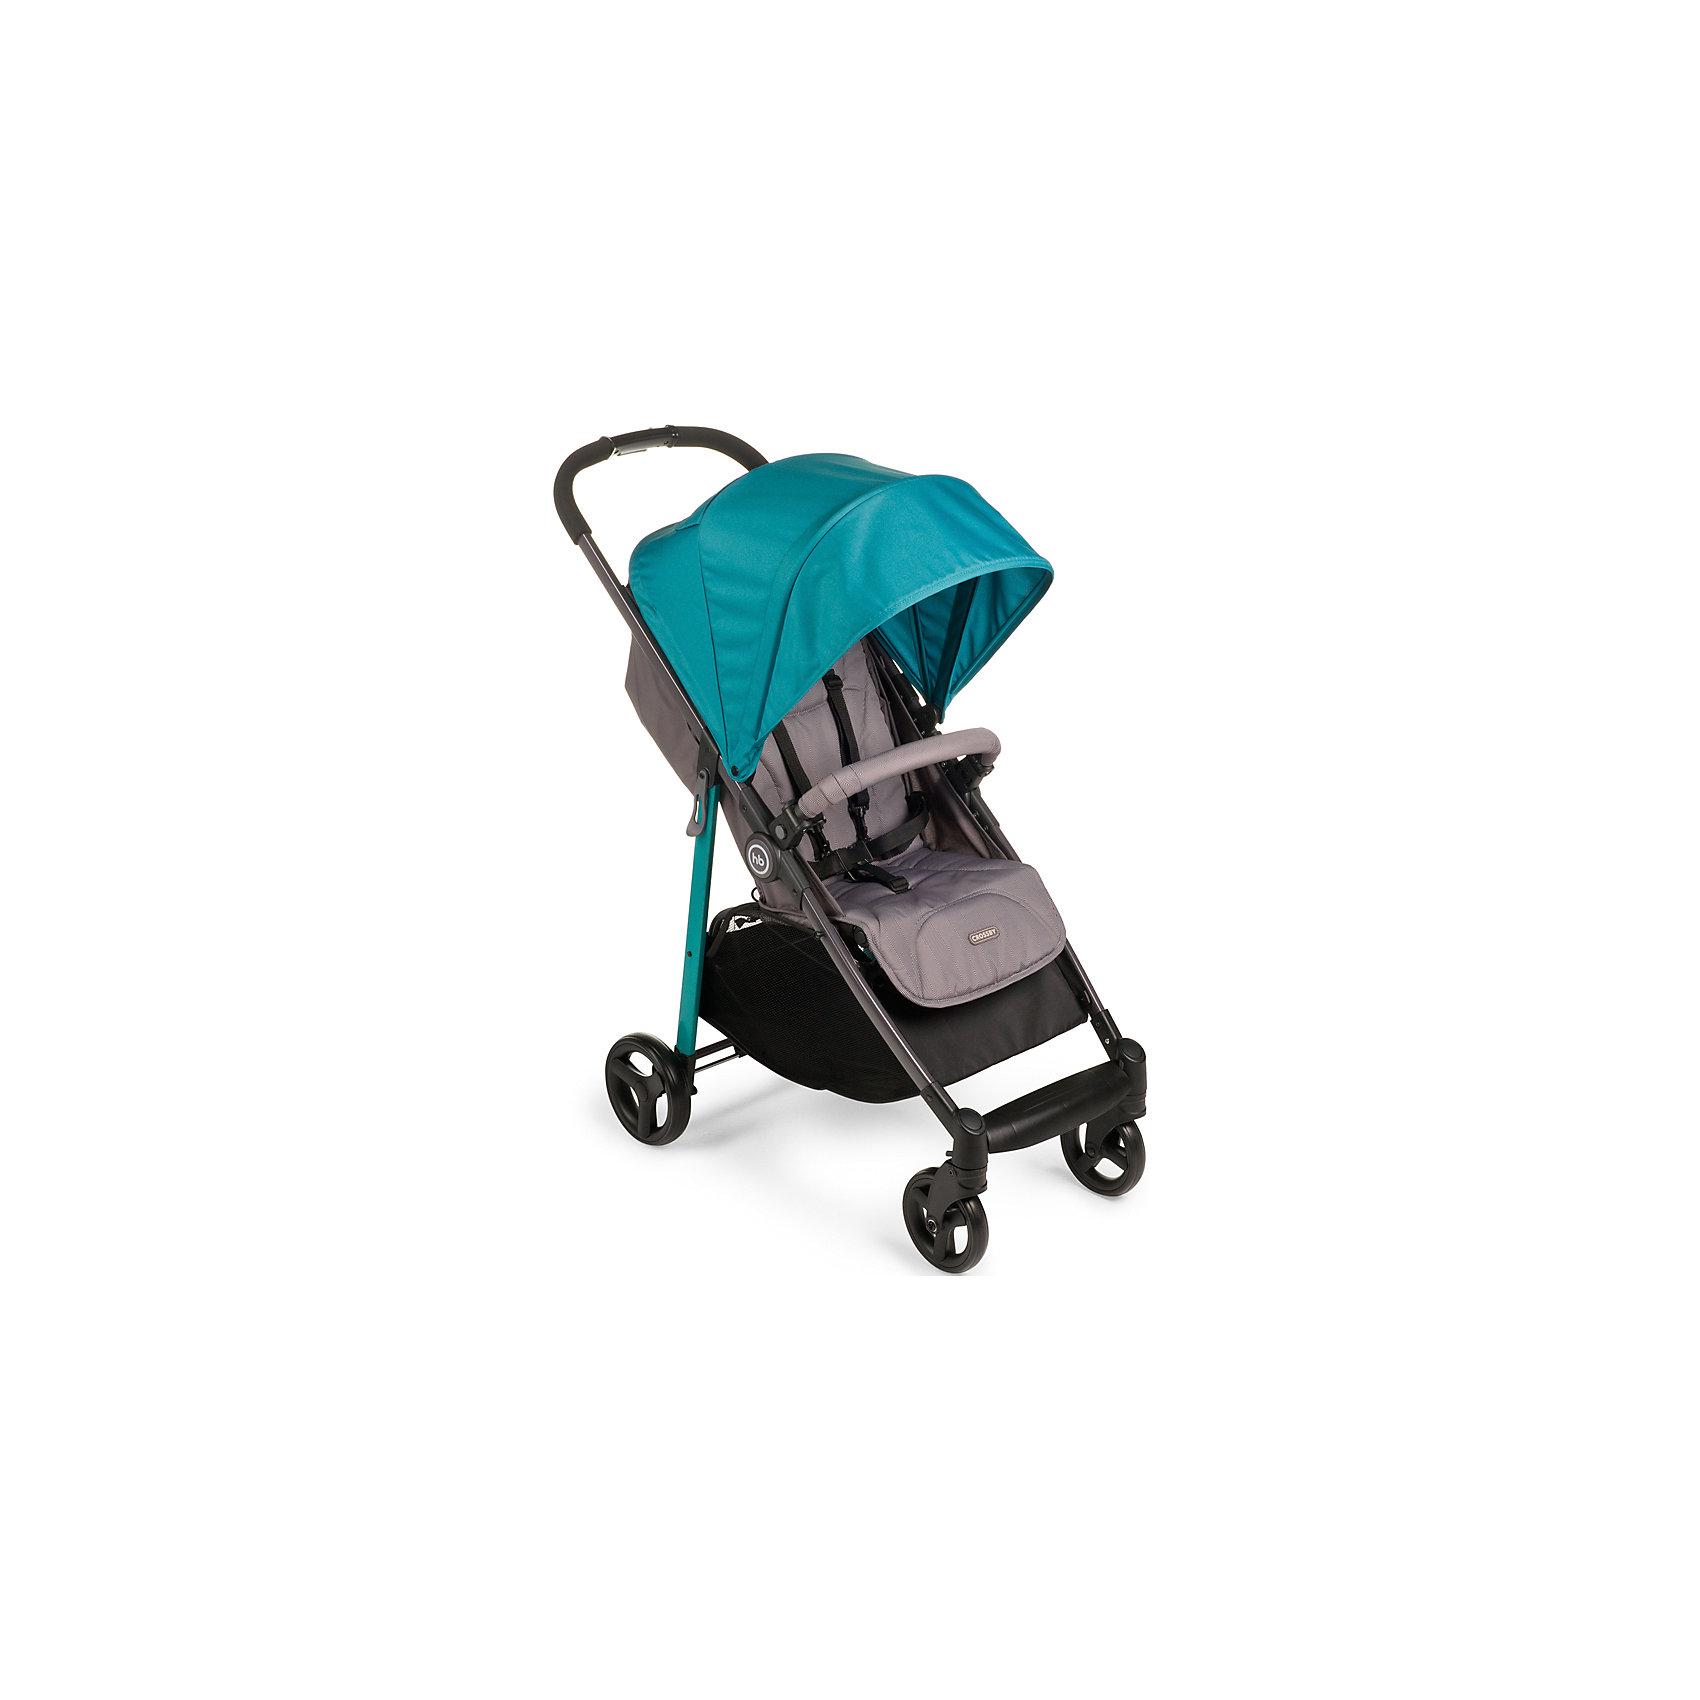 Прогулочная коляска Happy Baby, Crossby, аквамаринПрогулочные коляски<br>Прогулочная коляска Happy Baby, Crossby аквамарин – эта легкая прогулочная коляска подарит удовольствие от использования и малышу, и маме.<br>Прогулочная коляска Crossby создана в минималистичном стиле, при этом сочетая в себе максимально необходимое количество характеристик для комфортных прогулок и путешествий. Благодаря амортизации на передних и задних колесах, коляска способна передвигаться по любой дороге, включая не глубокий снег. Эта всесезонная коляска укомплектована чехлом на ножки, дождевиком и москитной сеткой. Имеет широкое сиденье с возможностью плавной регулировки угла наклона спинки (количество положений не ограничено), пятиточечные ремни безопасности, большой капюшон со смотровым окошком, регулируемую в трех положениях подножку, съемный бампер, вместительную корзину для покупок. Обивка коляски выполнена из современных высокотехнологичных тканей, что создает дополнительный комфорт для ребенка и мамы.<br><br>Дополнительная информация:<br><br>- В комплекте: дождевик, чехол на ножки, москитная сетка<br>- Возраст: от 7 месяцев<br>- Максимальный вес ребенка: 20 кг.<br>- Тип складывания: книжка<br>- Цвет: аквамарин<br>- Ширина сиденья: 34 см.<br>- Глубина сиденья: 23 см.<br>- Длина спального места: 78 см.<br>- Вес коляски: 7,7 кг.<br>- Размер в сложенном виде: 84х50,5х29 см.<br>- Размер в разложенном виде: 96х50,5х104 см.<br>- Ширина колесной базы: 50,5 см.<br>- Колеса: пластиковые с покрытием EVA (этиленвинилацетат)<br>- Диаметр колес: передние — 15 см, задние —  18 см.<br>- Колёсная база: передние колеса поворотные с возможностью фиксации<br>- Амортизация передних и задних колес<br>- Тормозная педаль на оси задних колес<br><br>Прогулочную коляску Crossby, Happy Baby, аквамарин можно купить в нашем интернет-магазине.<br><br>Ширина мм: 210<br>Глубина мм: 445<br>Высота мм: 835<br>Вес г: 10050<br>Цвет: аквамарин<br>Возраст от месяцев: 7<br>Возраст до месяцев: 36<br>Пол: Унисекс<br>Возрас